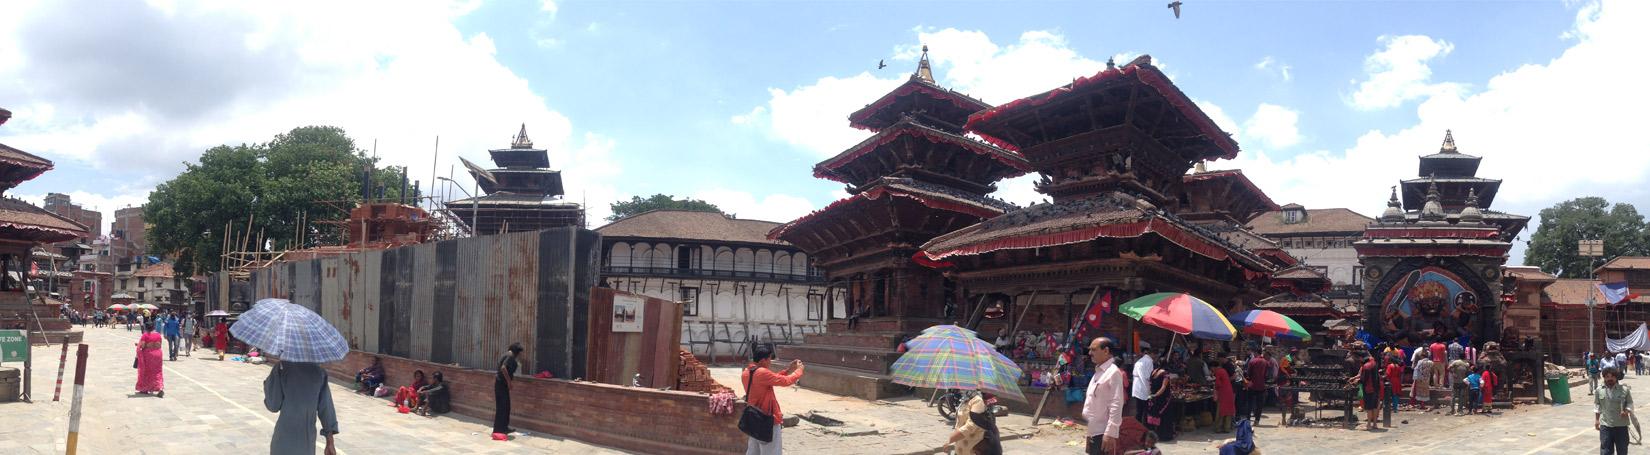 Hanumandhoka durbar square